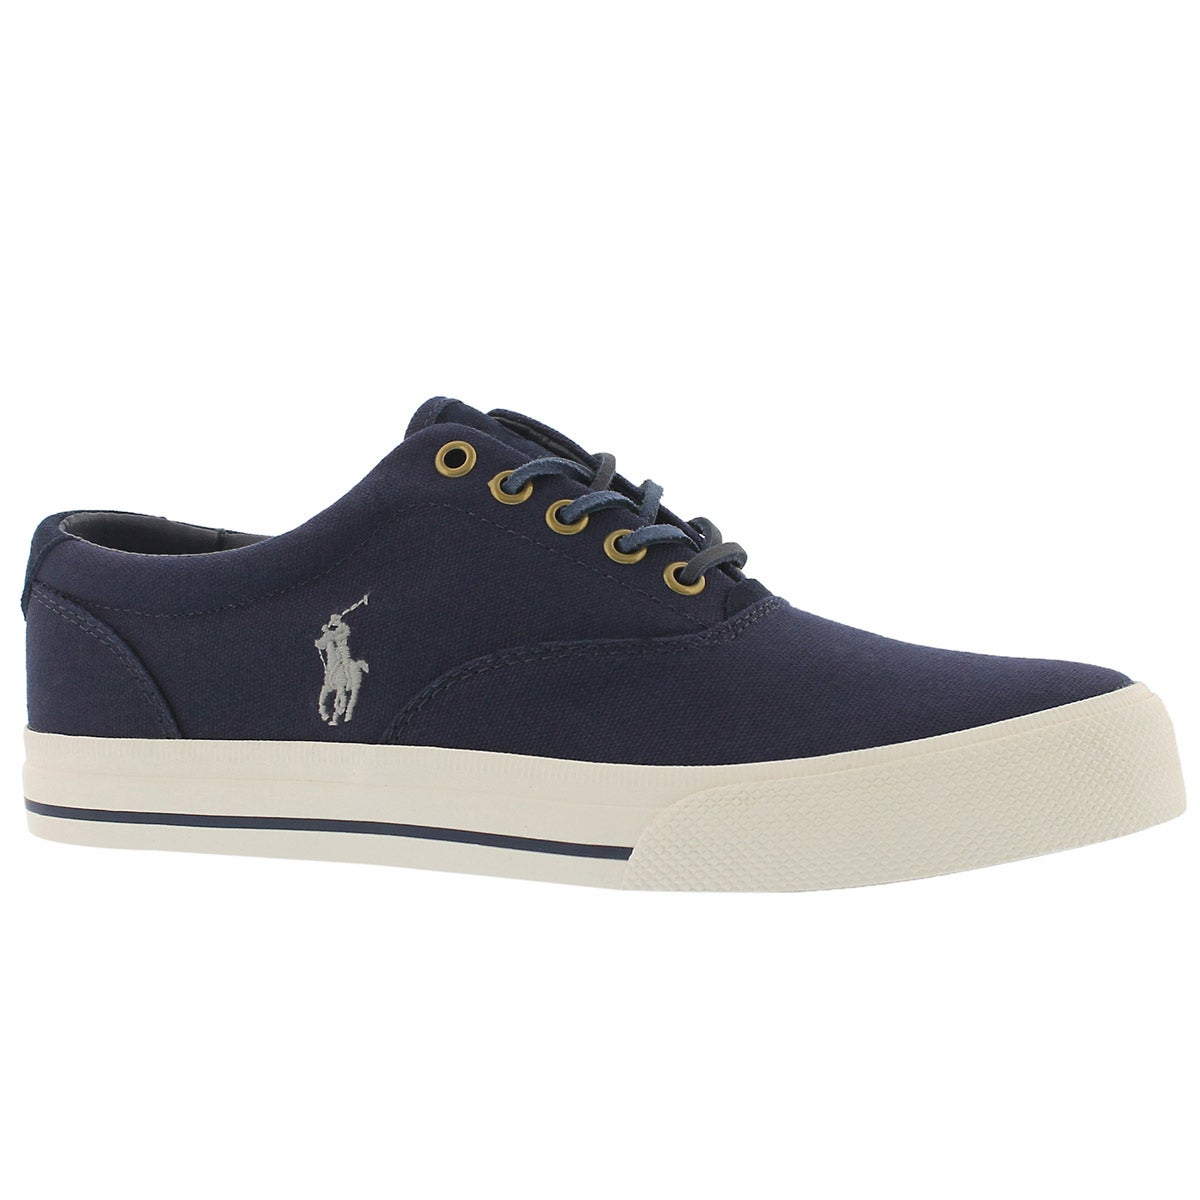 Men's VAUGHN newport navy canvas sneakers